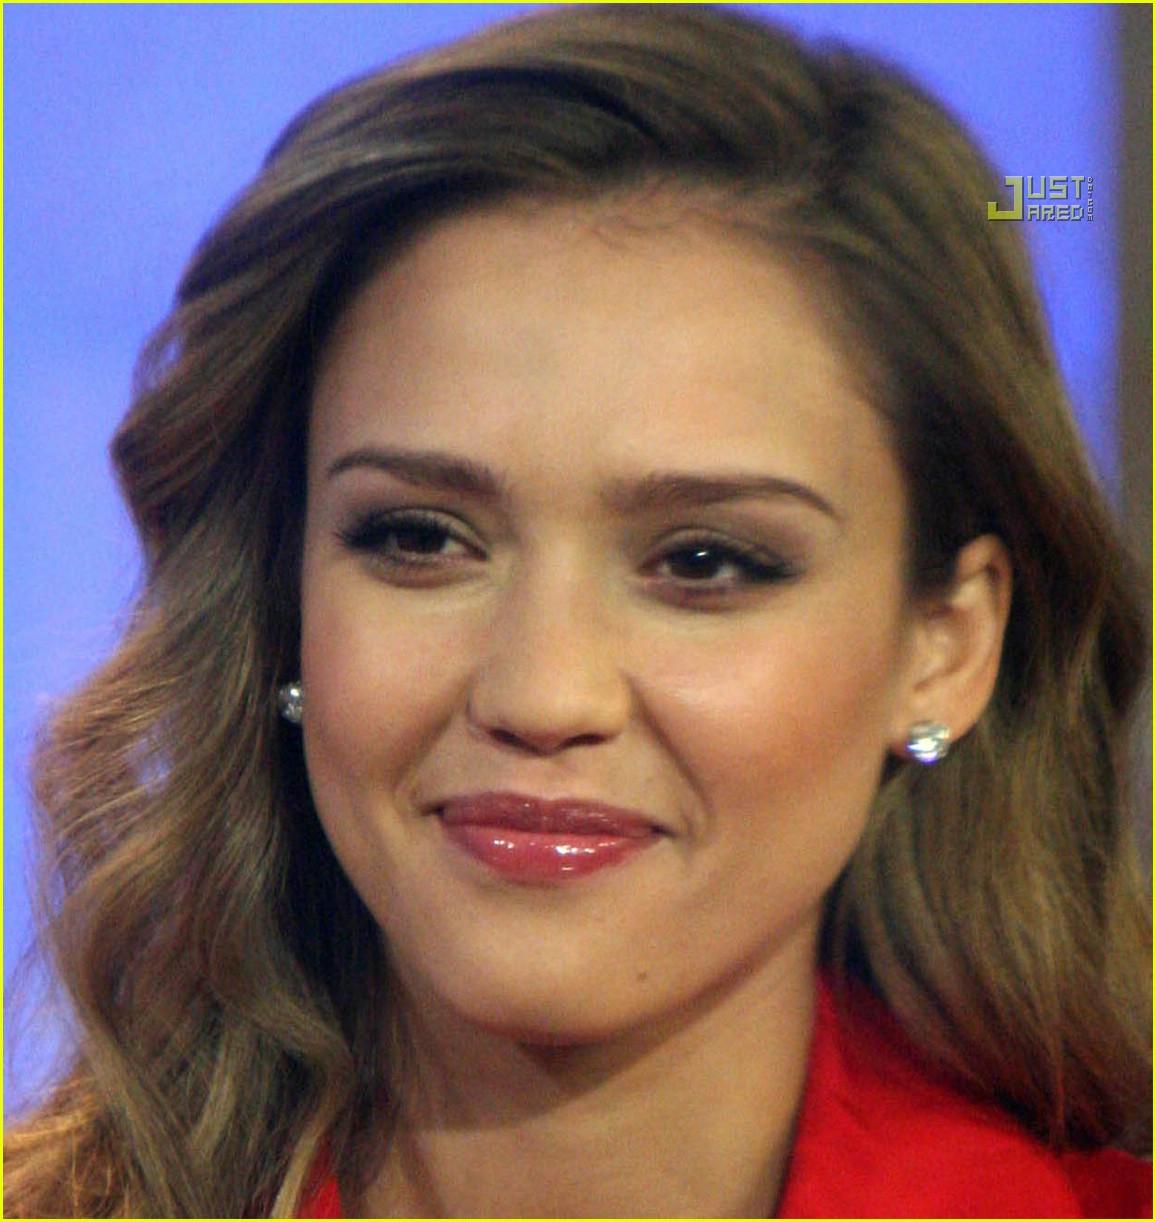 Jessica Alba Today Show Photo 890391 Jessica Alba